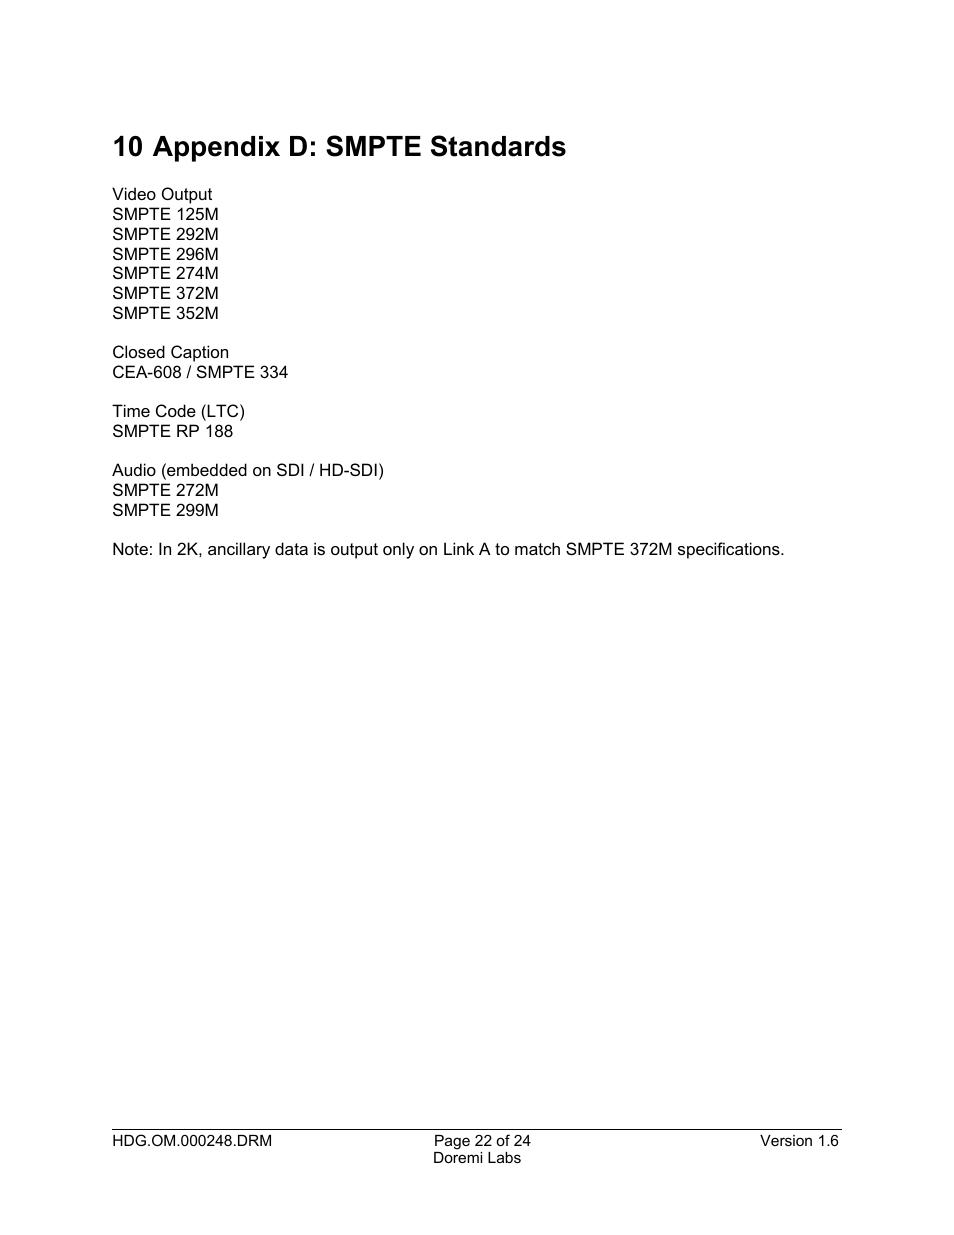 10 appendix d: smpte standards...